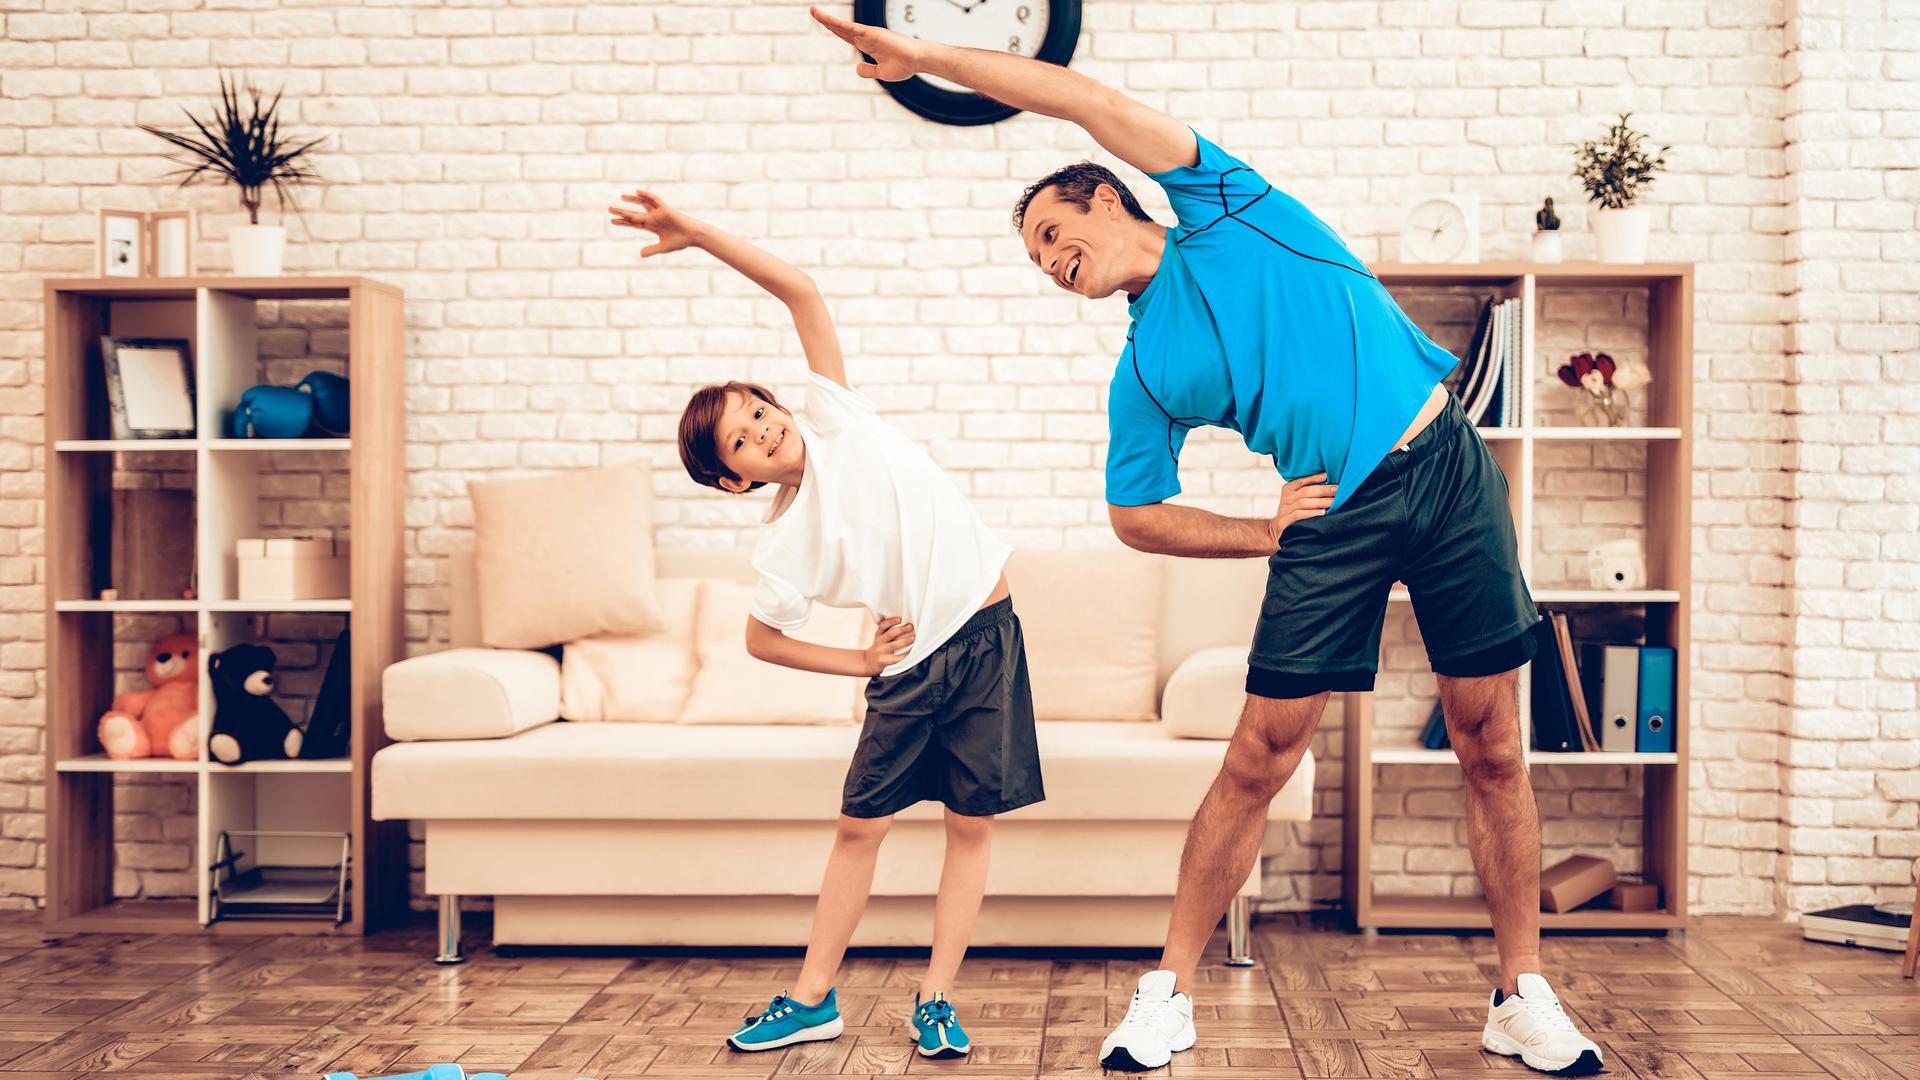 beneficios de hacer ejercicios-1